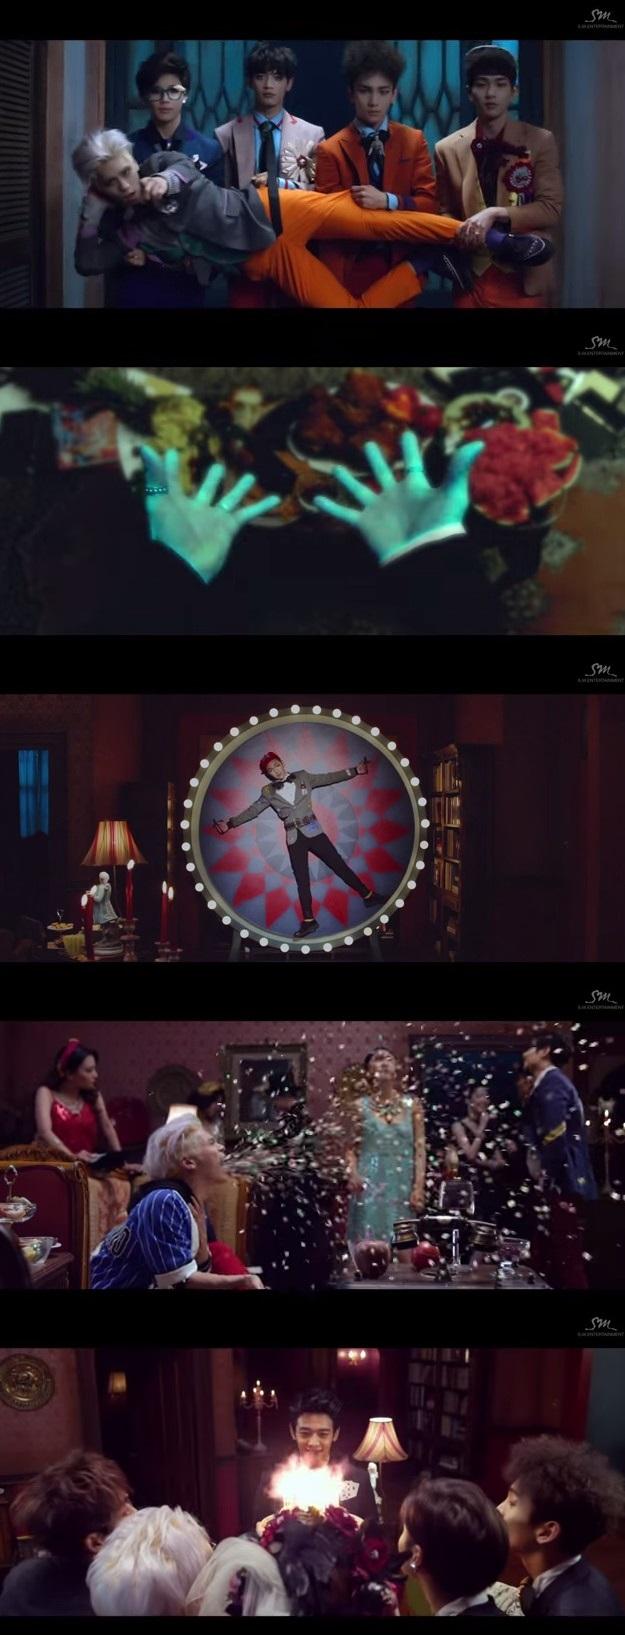 샤이니 / 샤이니 사진=샤이니 '메리드 투 더 뮤직' MV 캡처